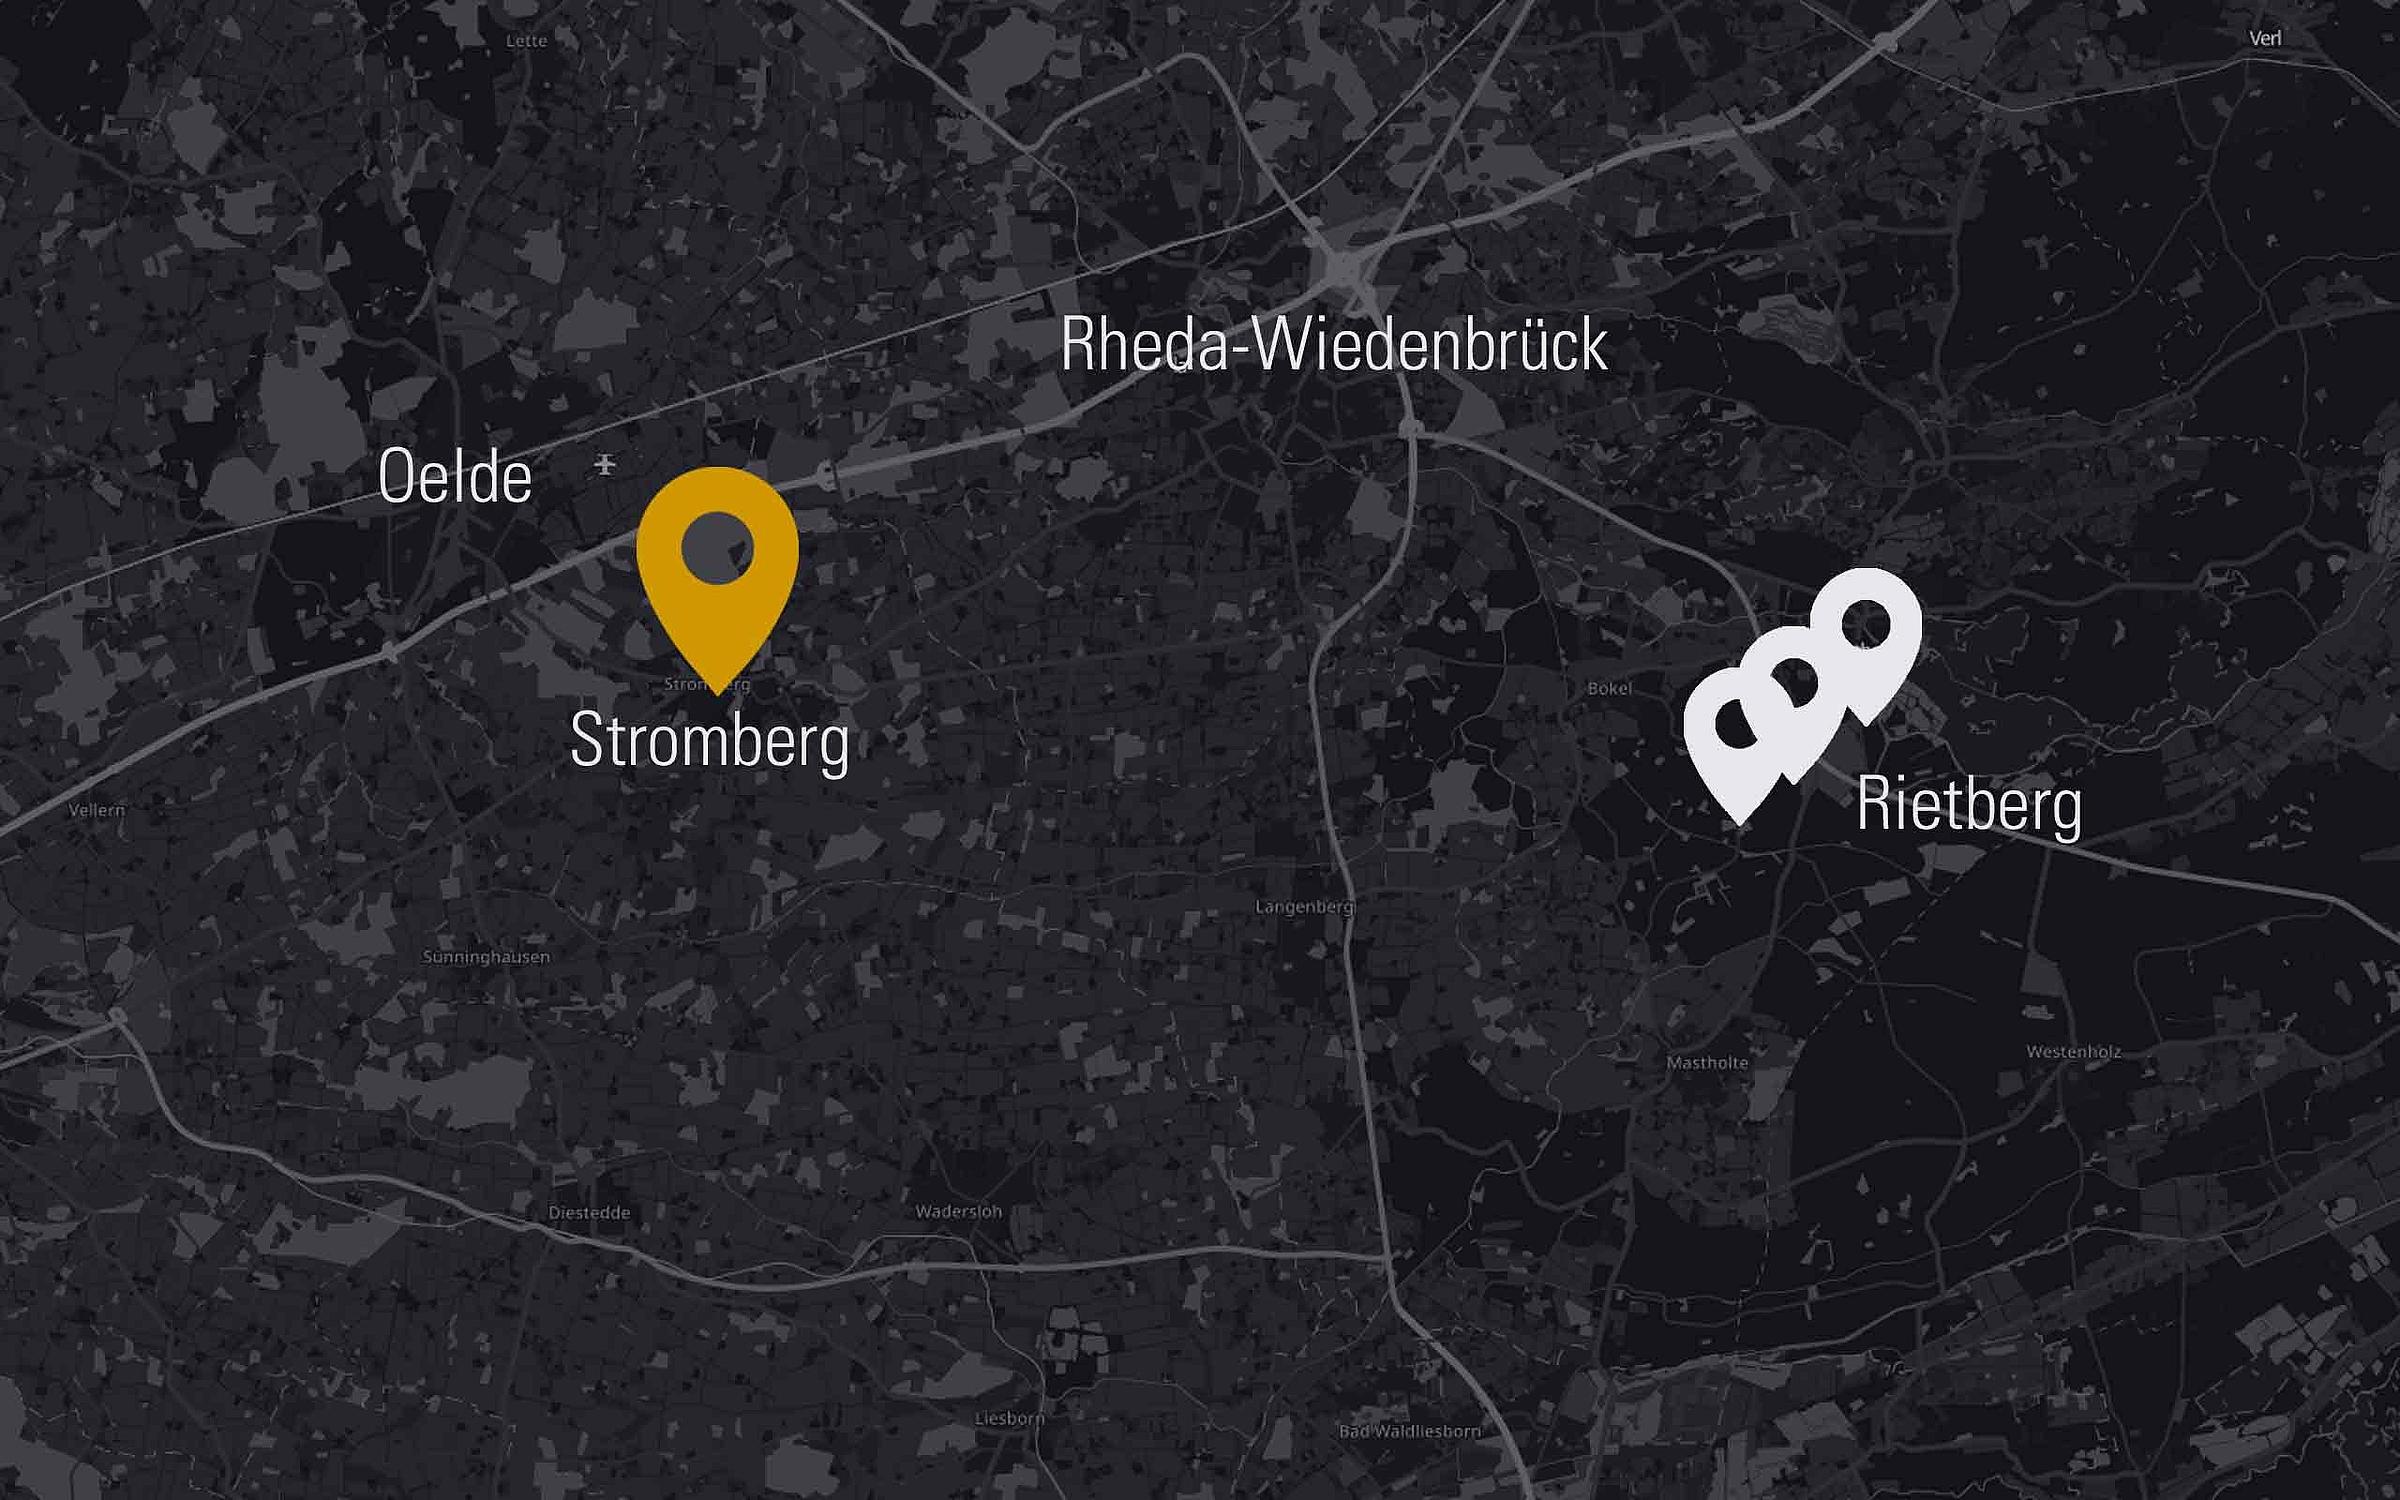 RMW Standort Verwaltung Produktion Rietberg Oelde Stromberg